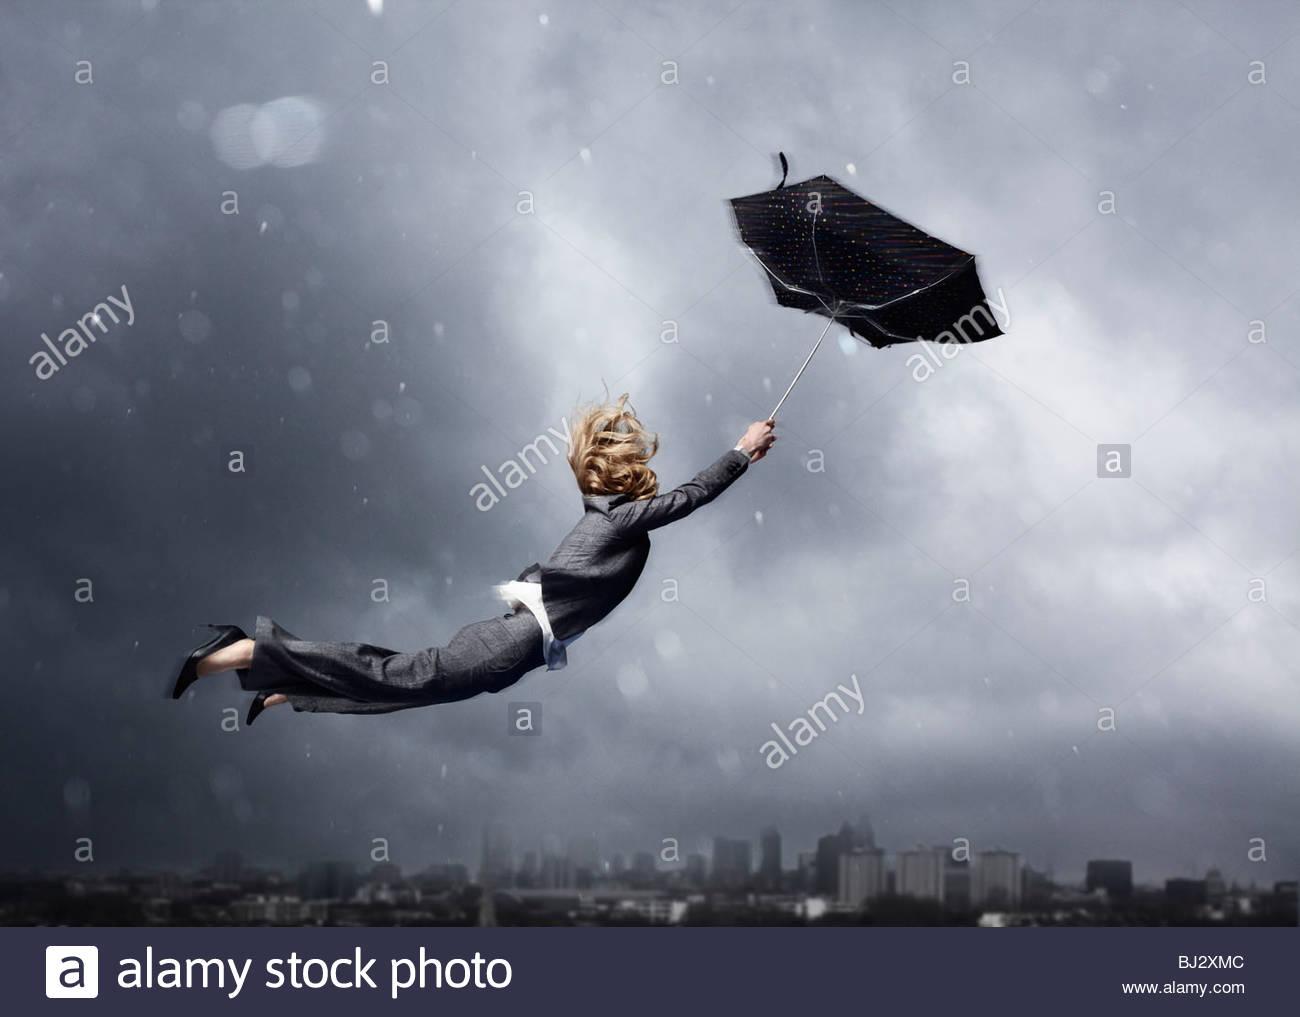 Frau wird von einem Regenschirm geblasen Stockfoto